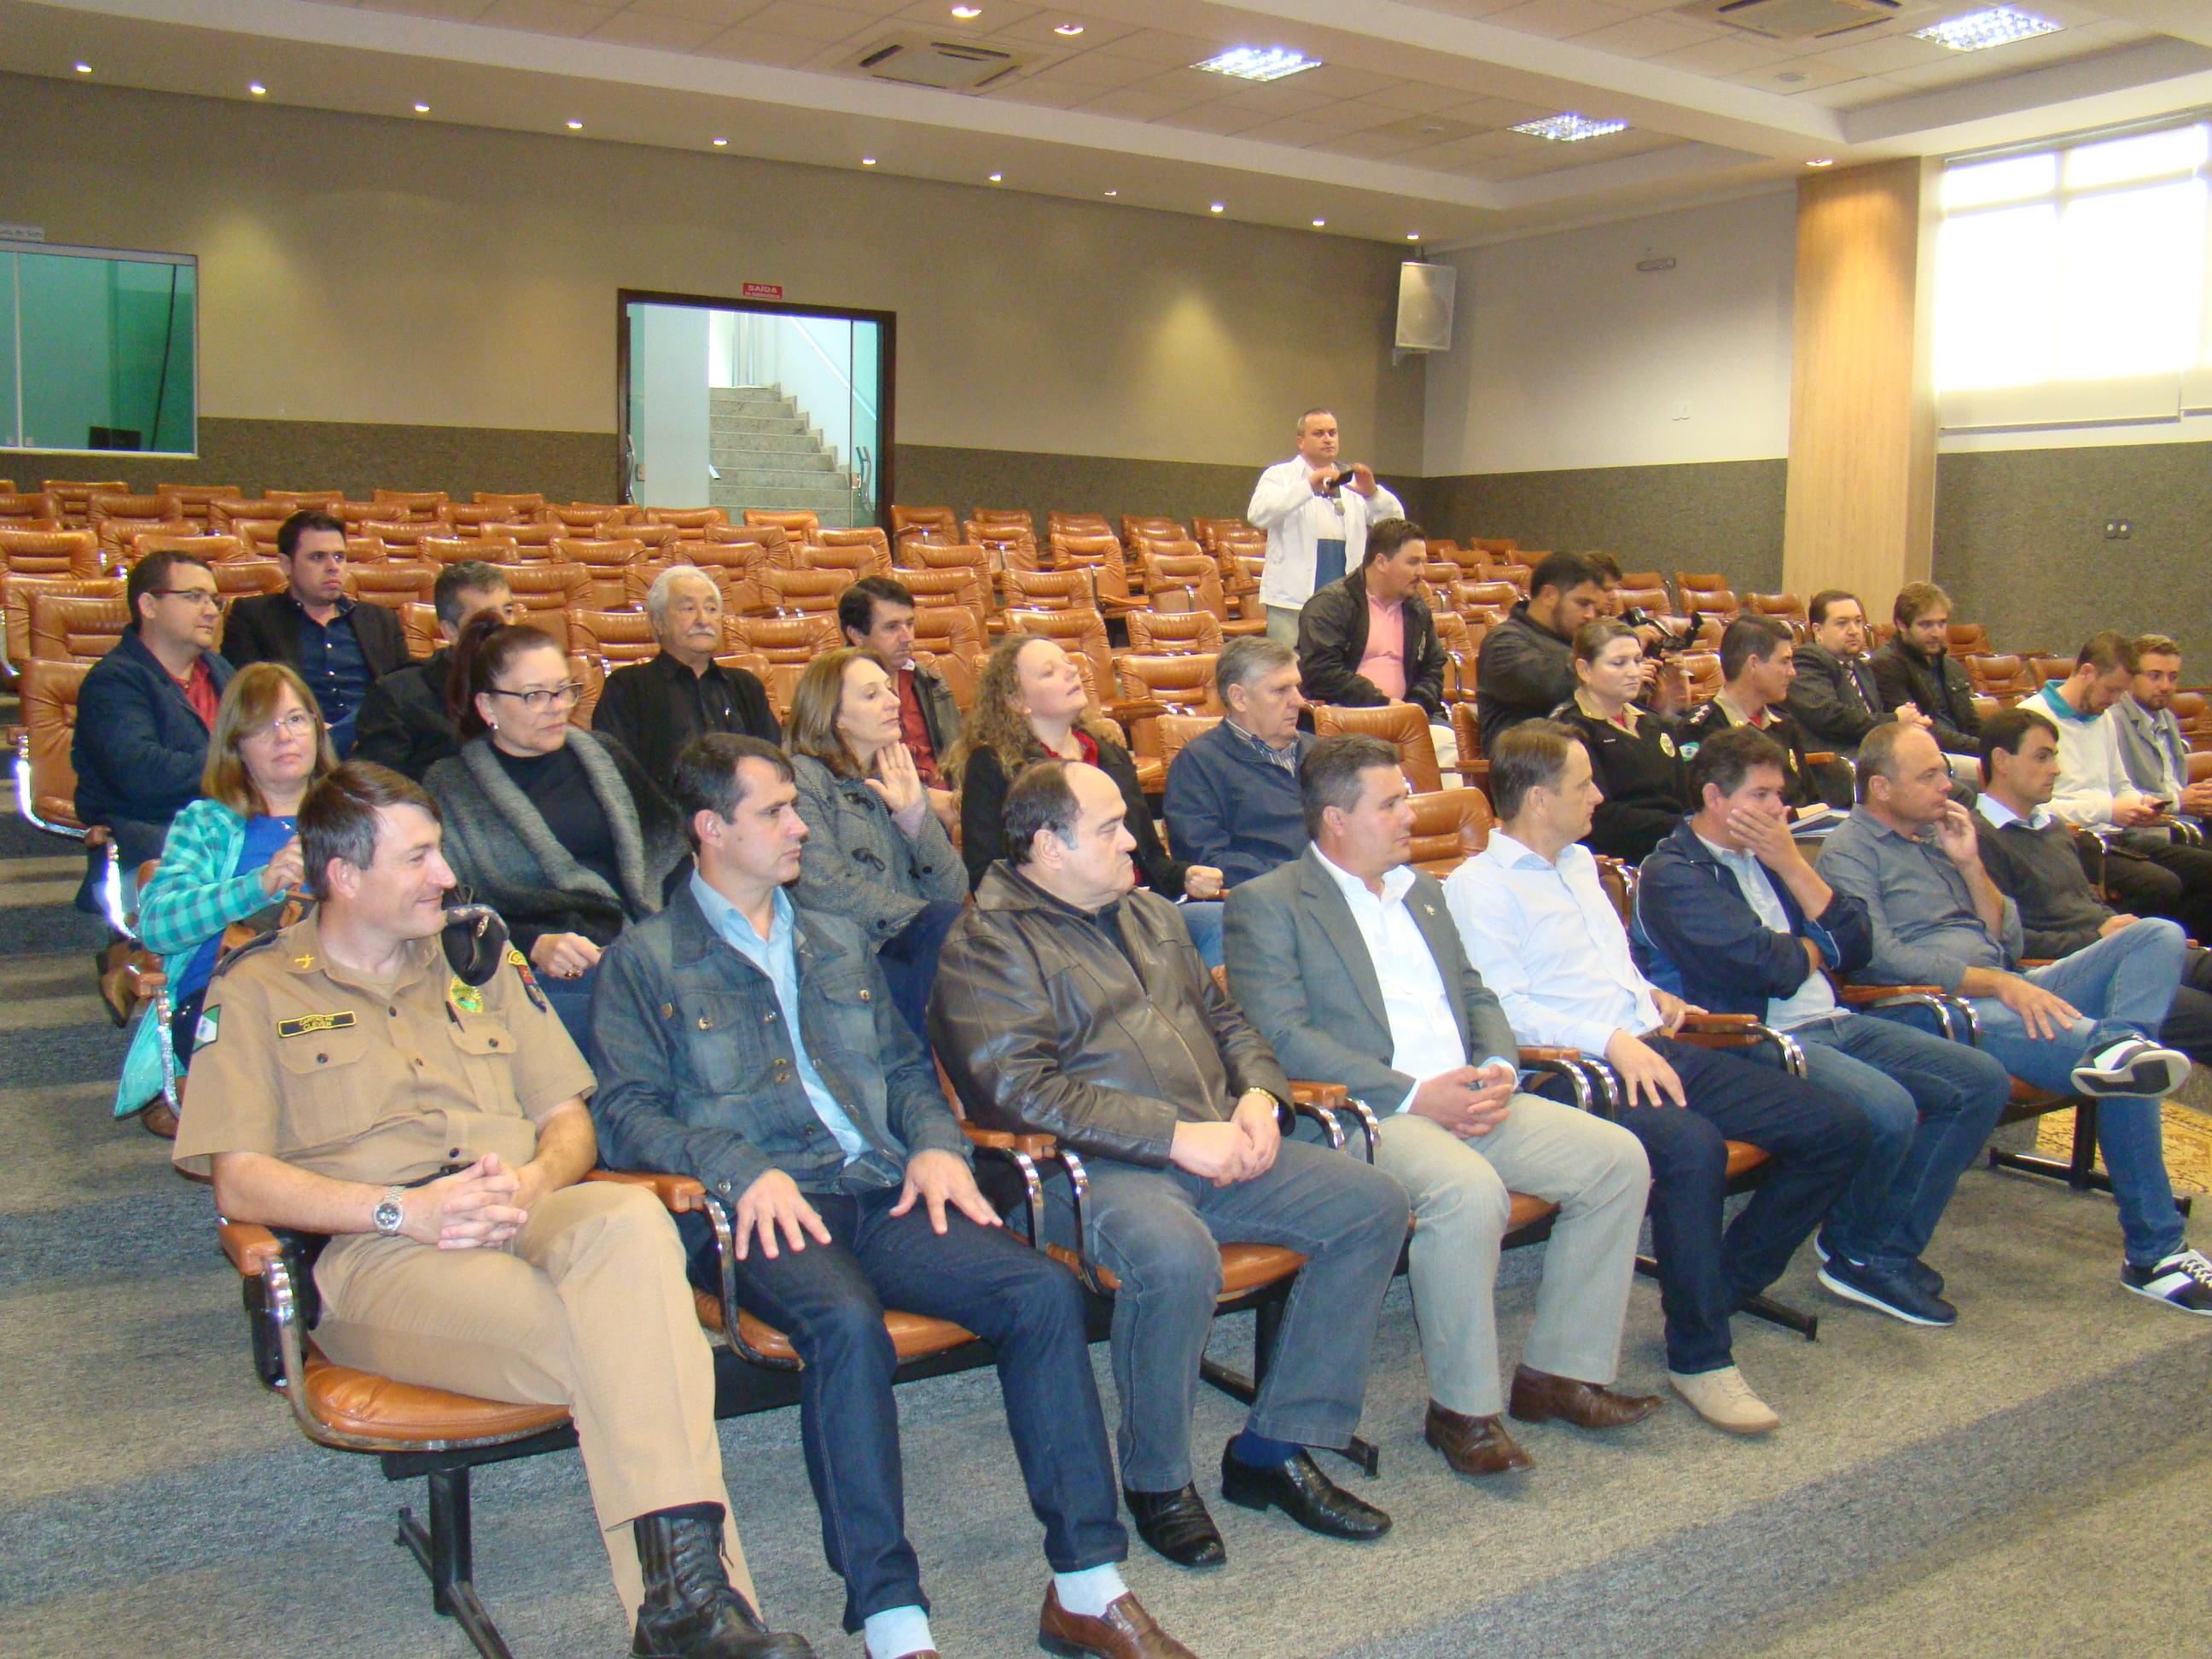 Diversas lideran�as da comunidade participaram da reuni�o